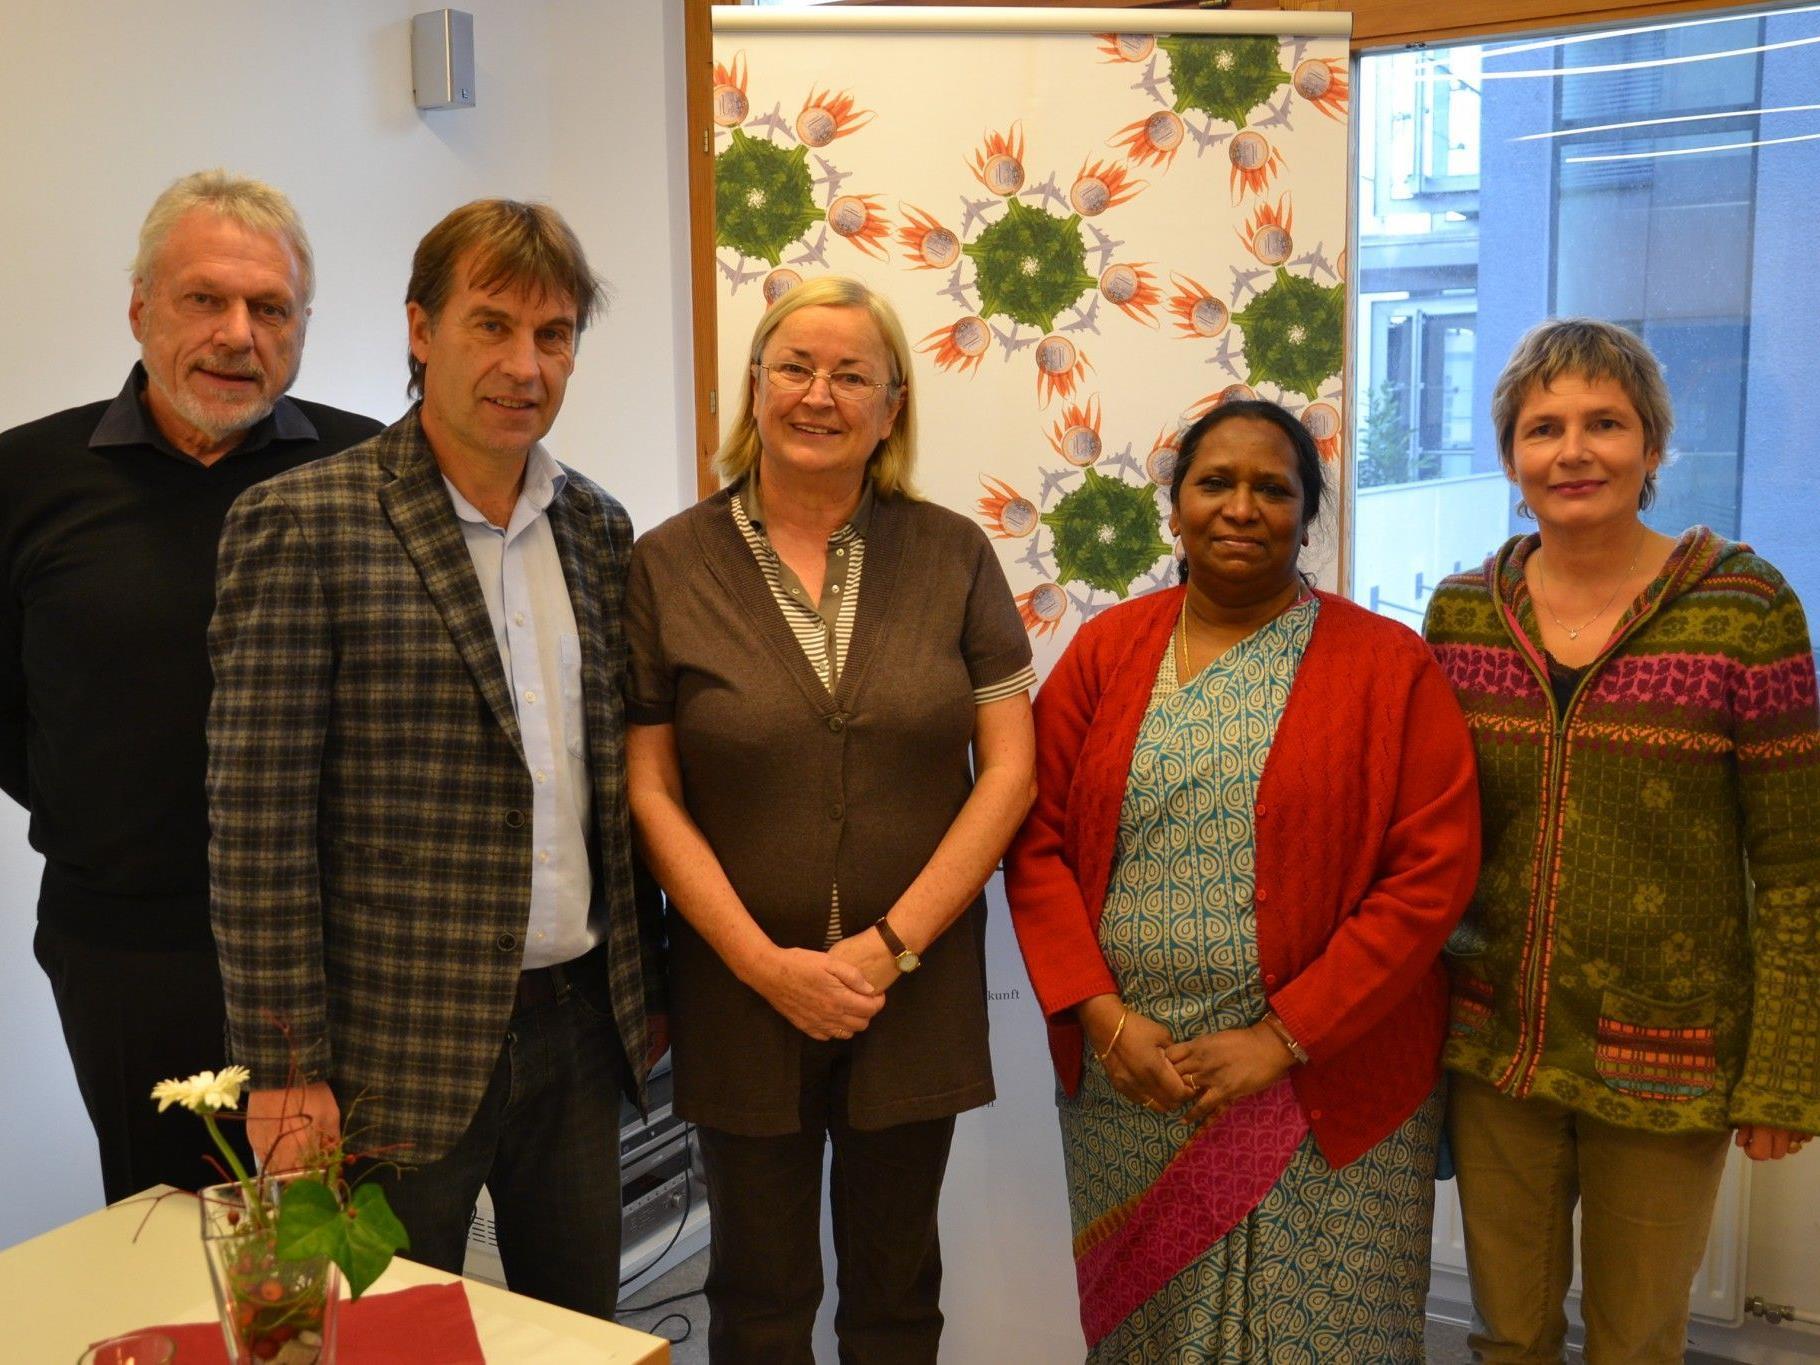 Begrüßten den prominenten Besuch in der BORG Werkstatt: Jose Oberhauser, Dir. Thomas Rothmund, Margit Schönherr-Hofer, Dr. Ruth Manorama aus Indien & Marielle Manahl